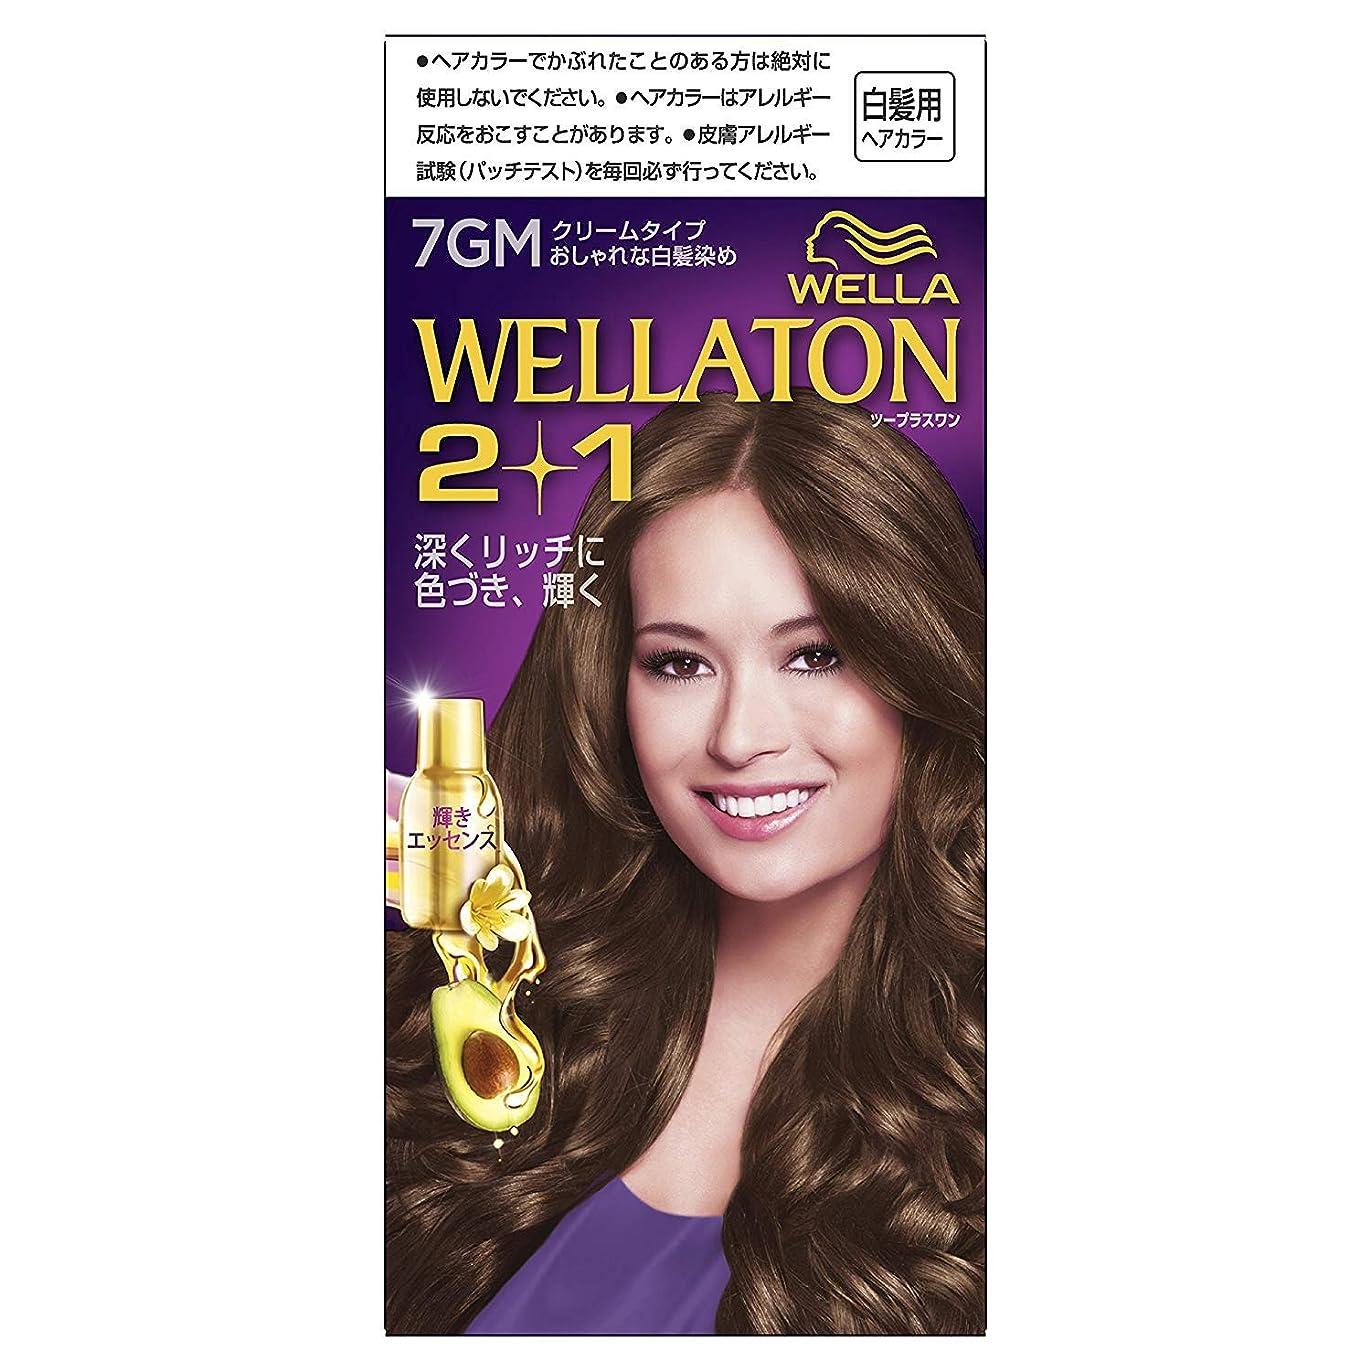 ディスパッチこする鍔ウエラトーン2+1 白髪染め クリームタイプ 7GM [医薬部外品] ×6個